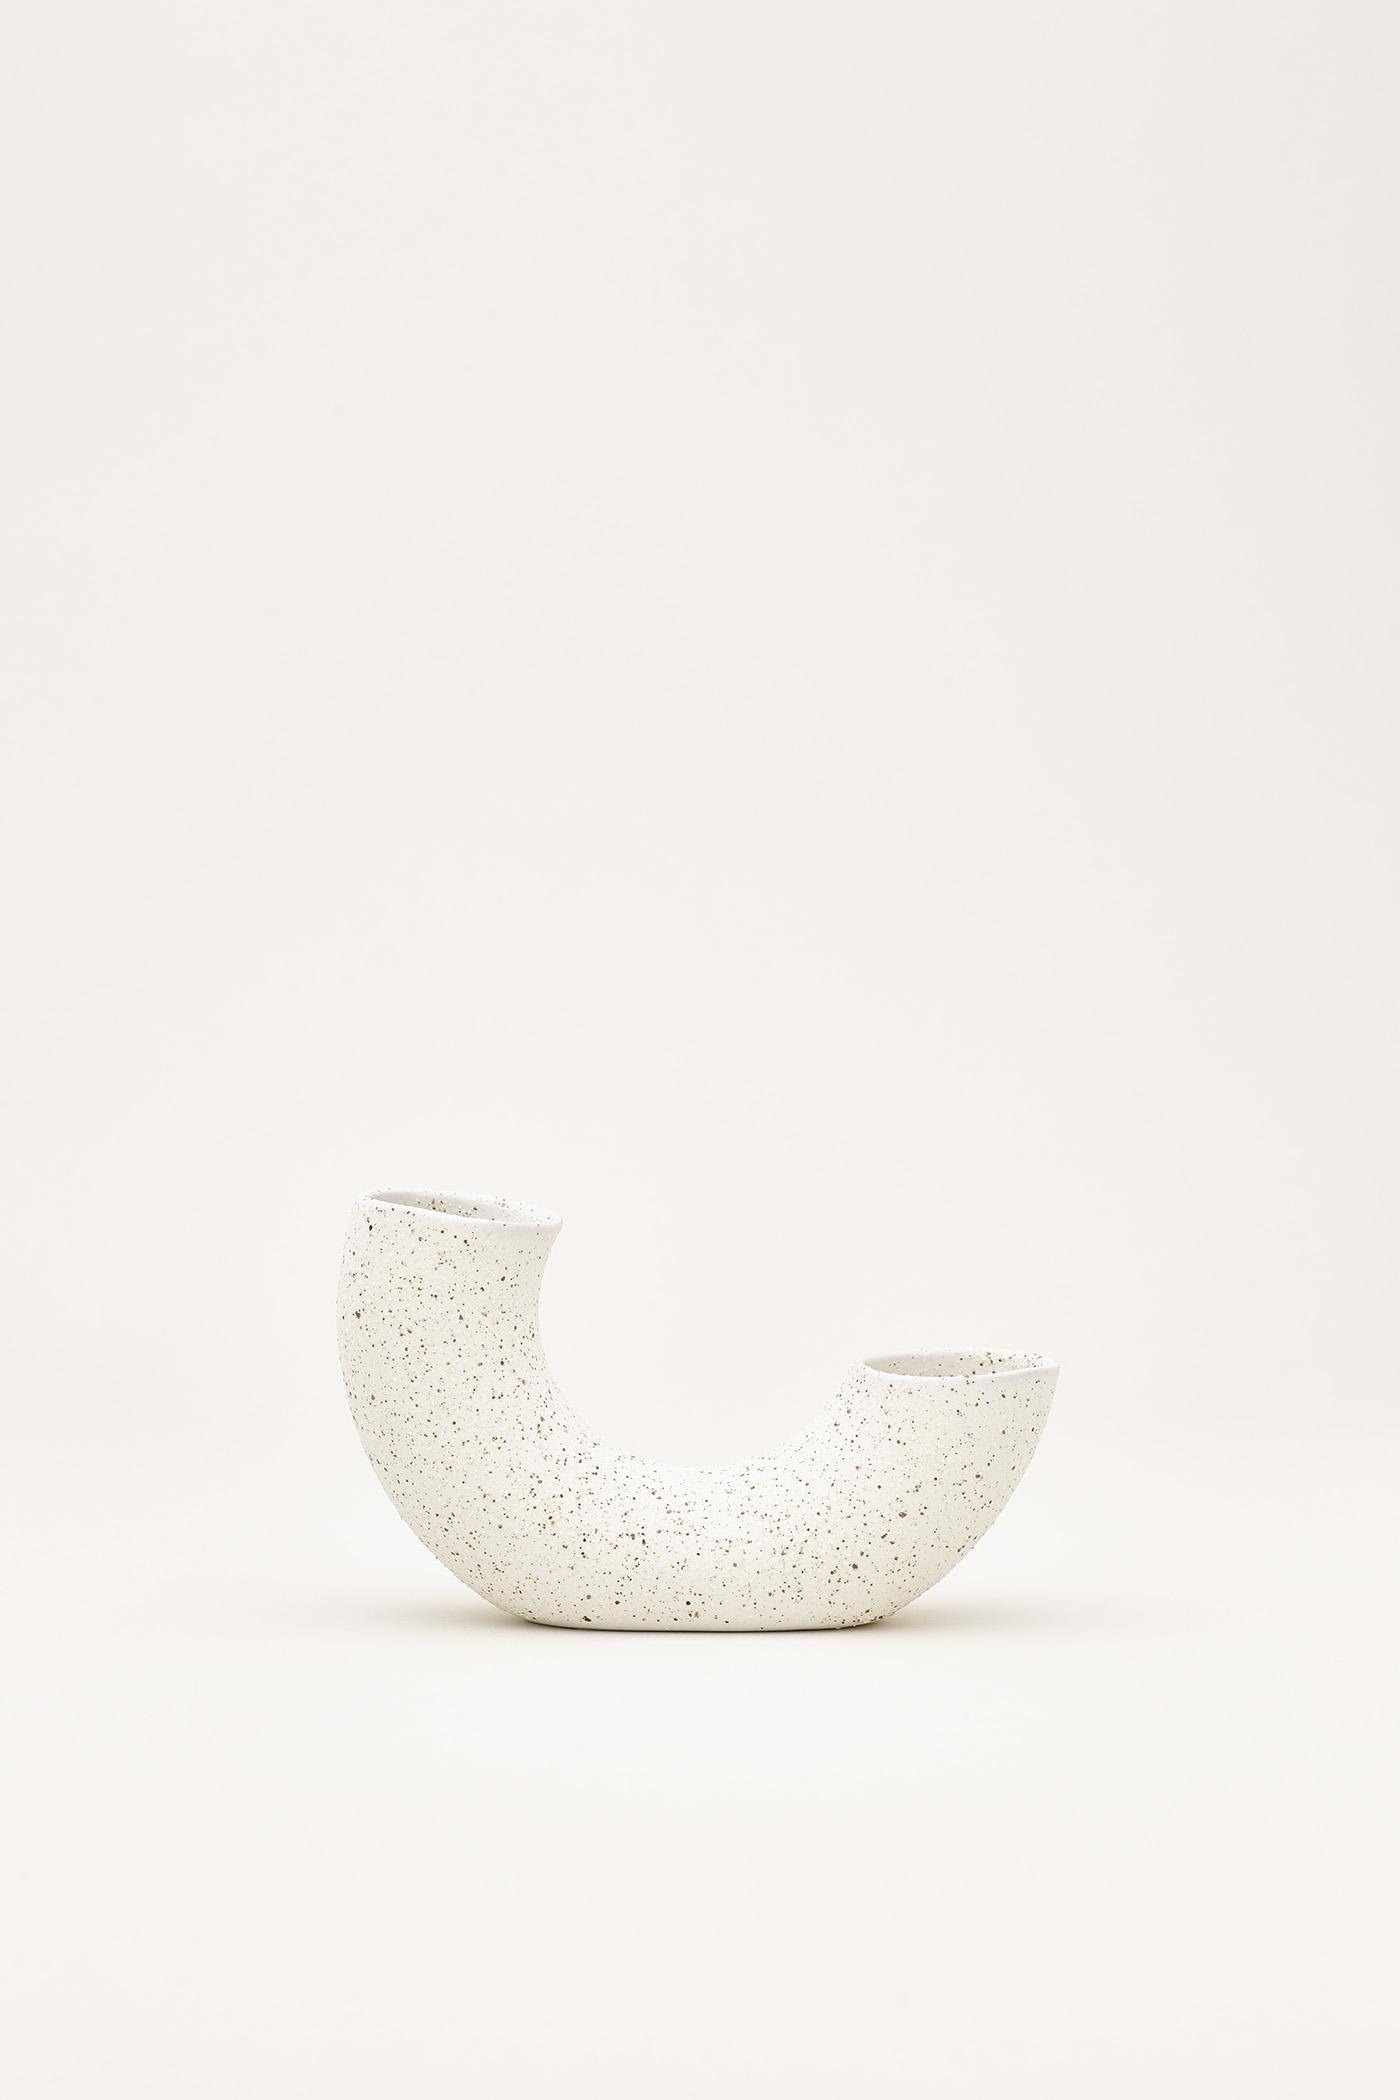 Sumi Ceramic Half-Ring Vase